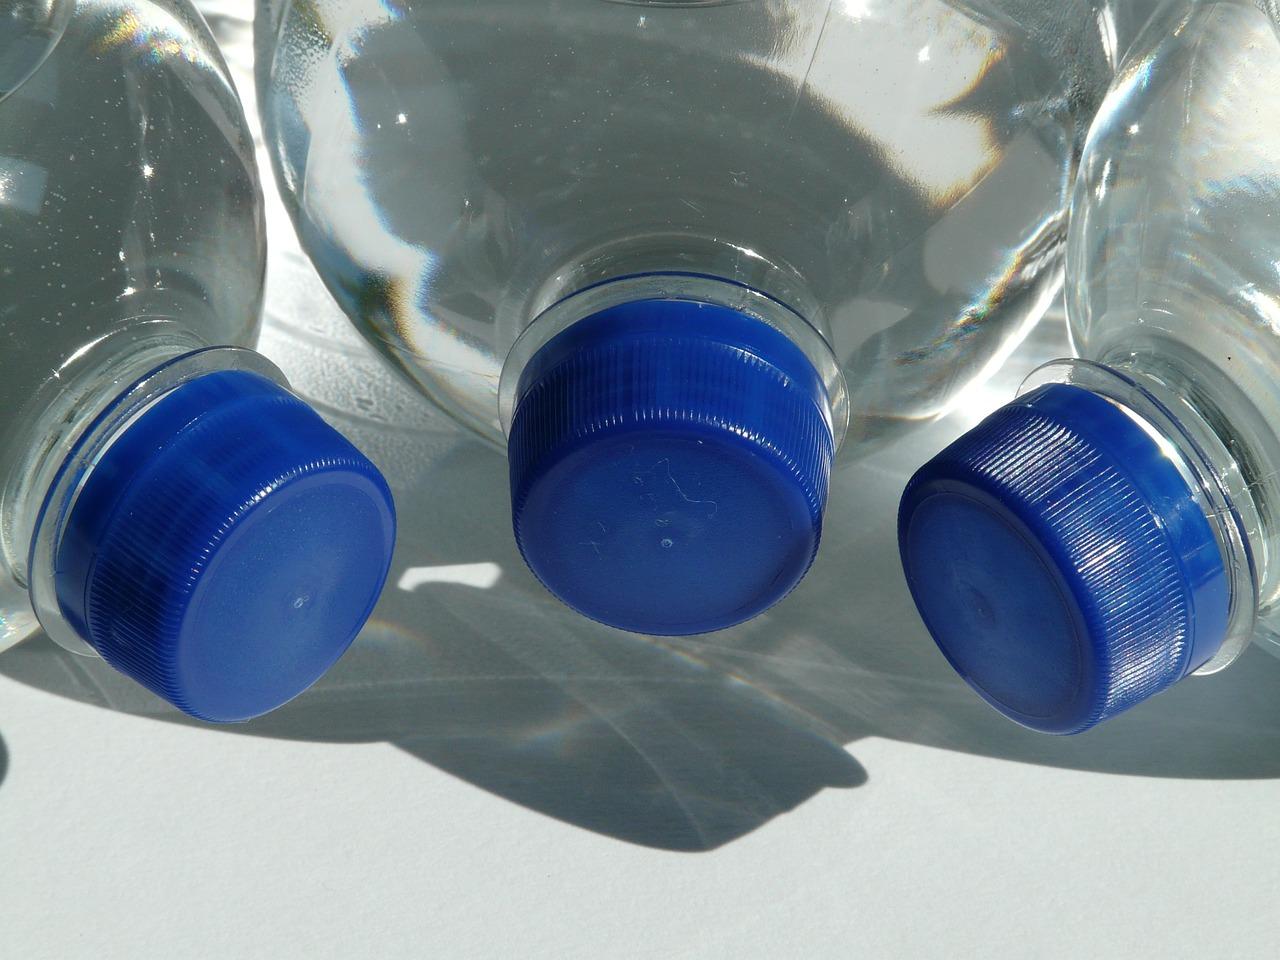 Comment les bouteilles en plastique sont-elles recyclées?